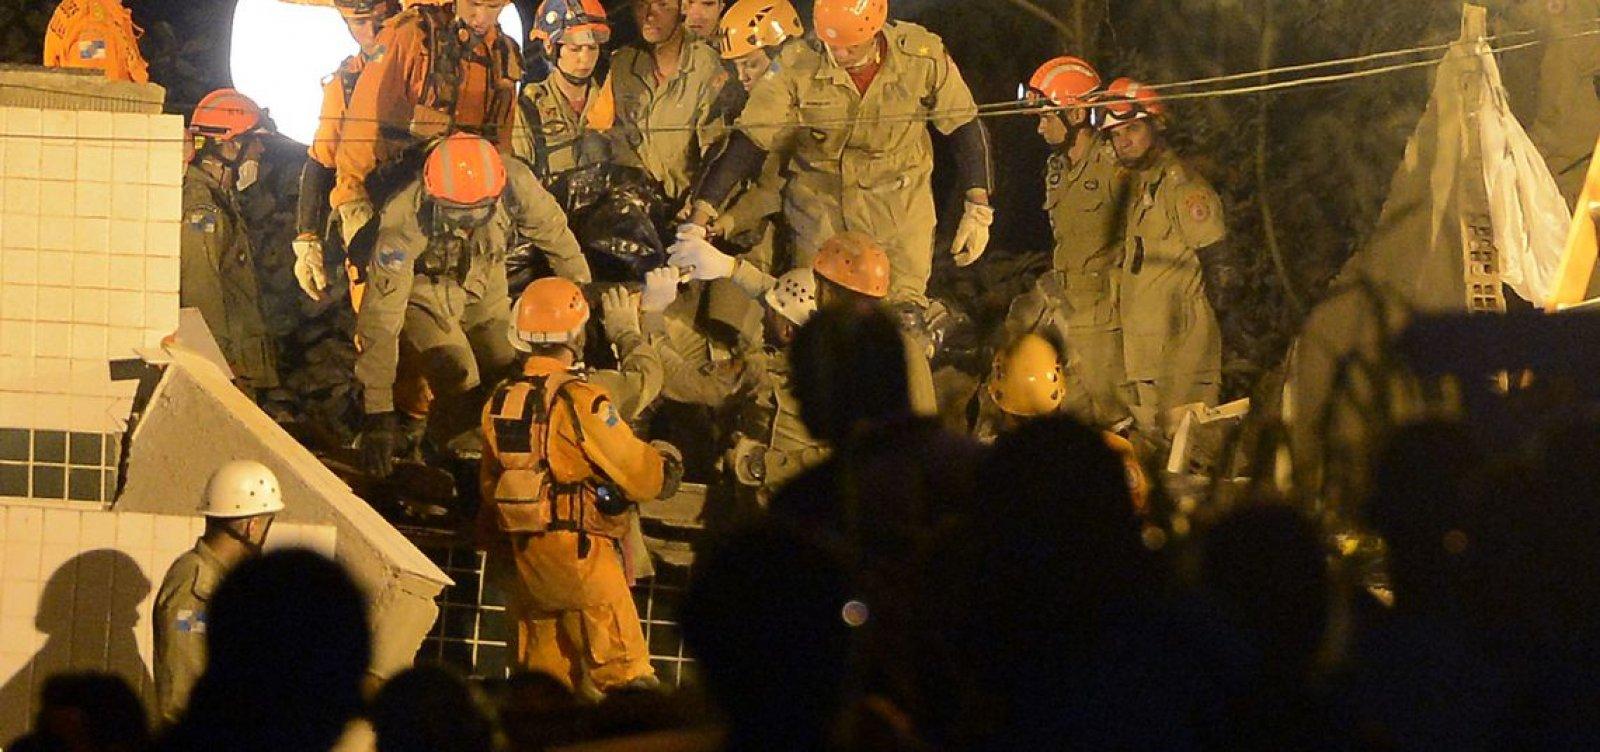 [Prefeitura vai demolir prédios na Muzema quando resgate acabar]